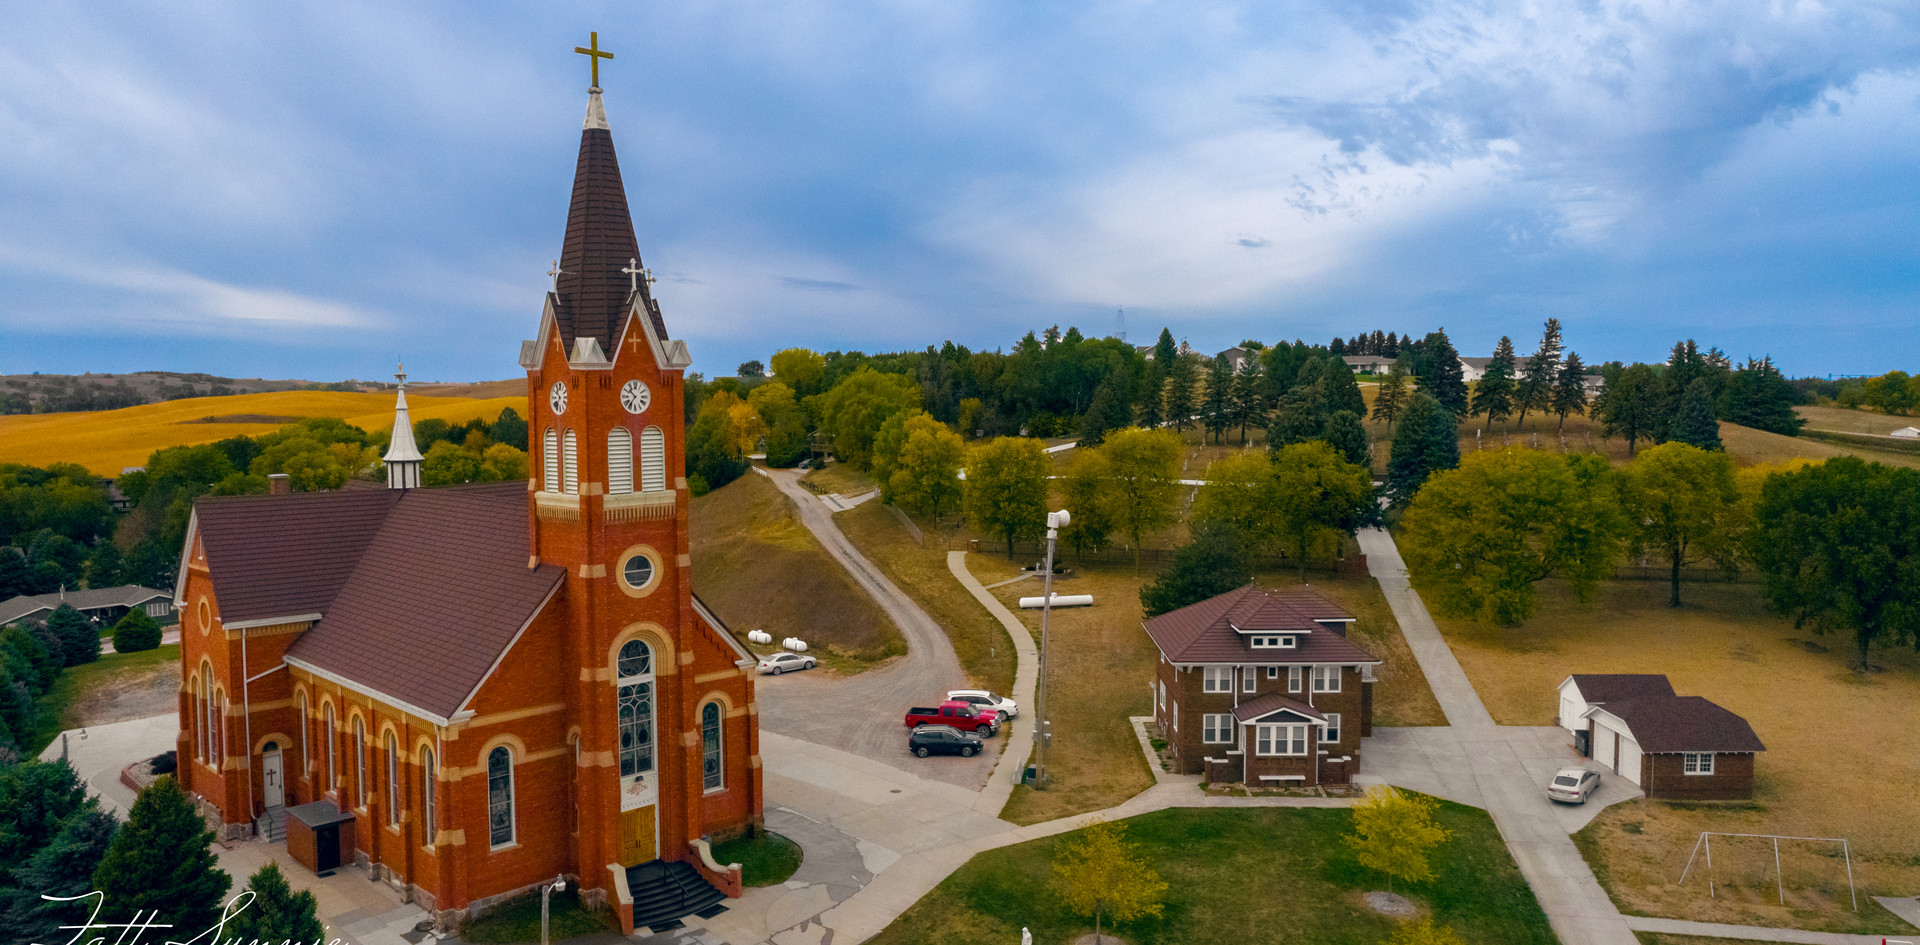 Church Drone Photo